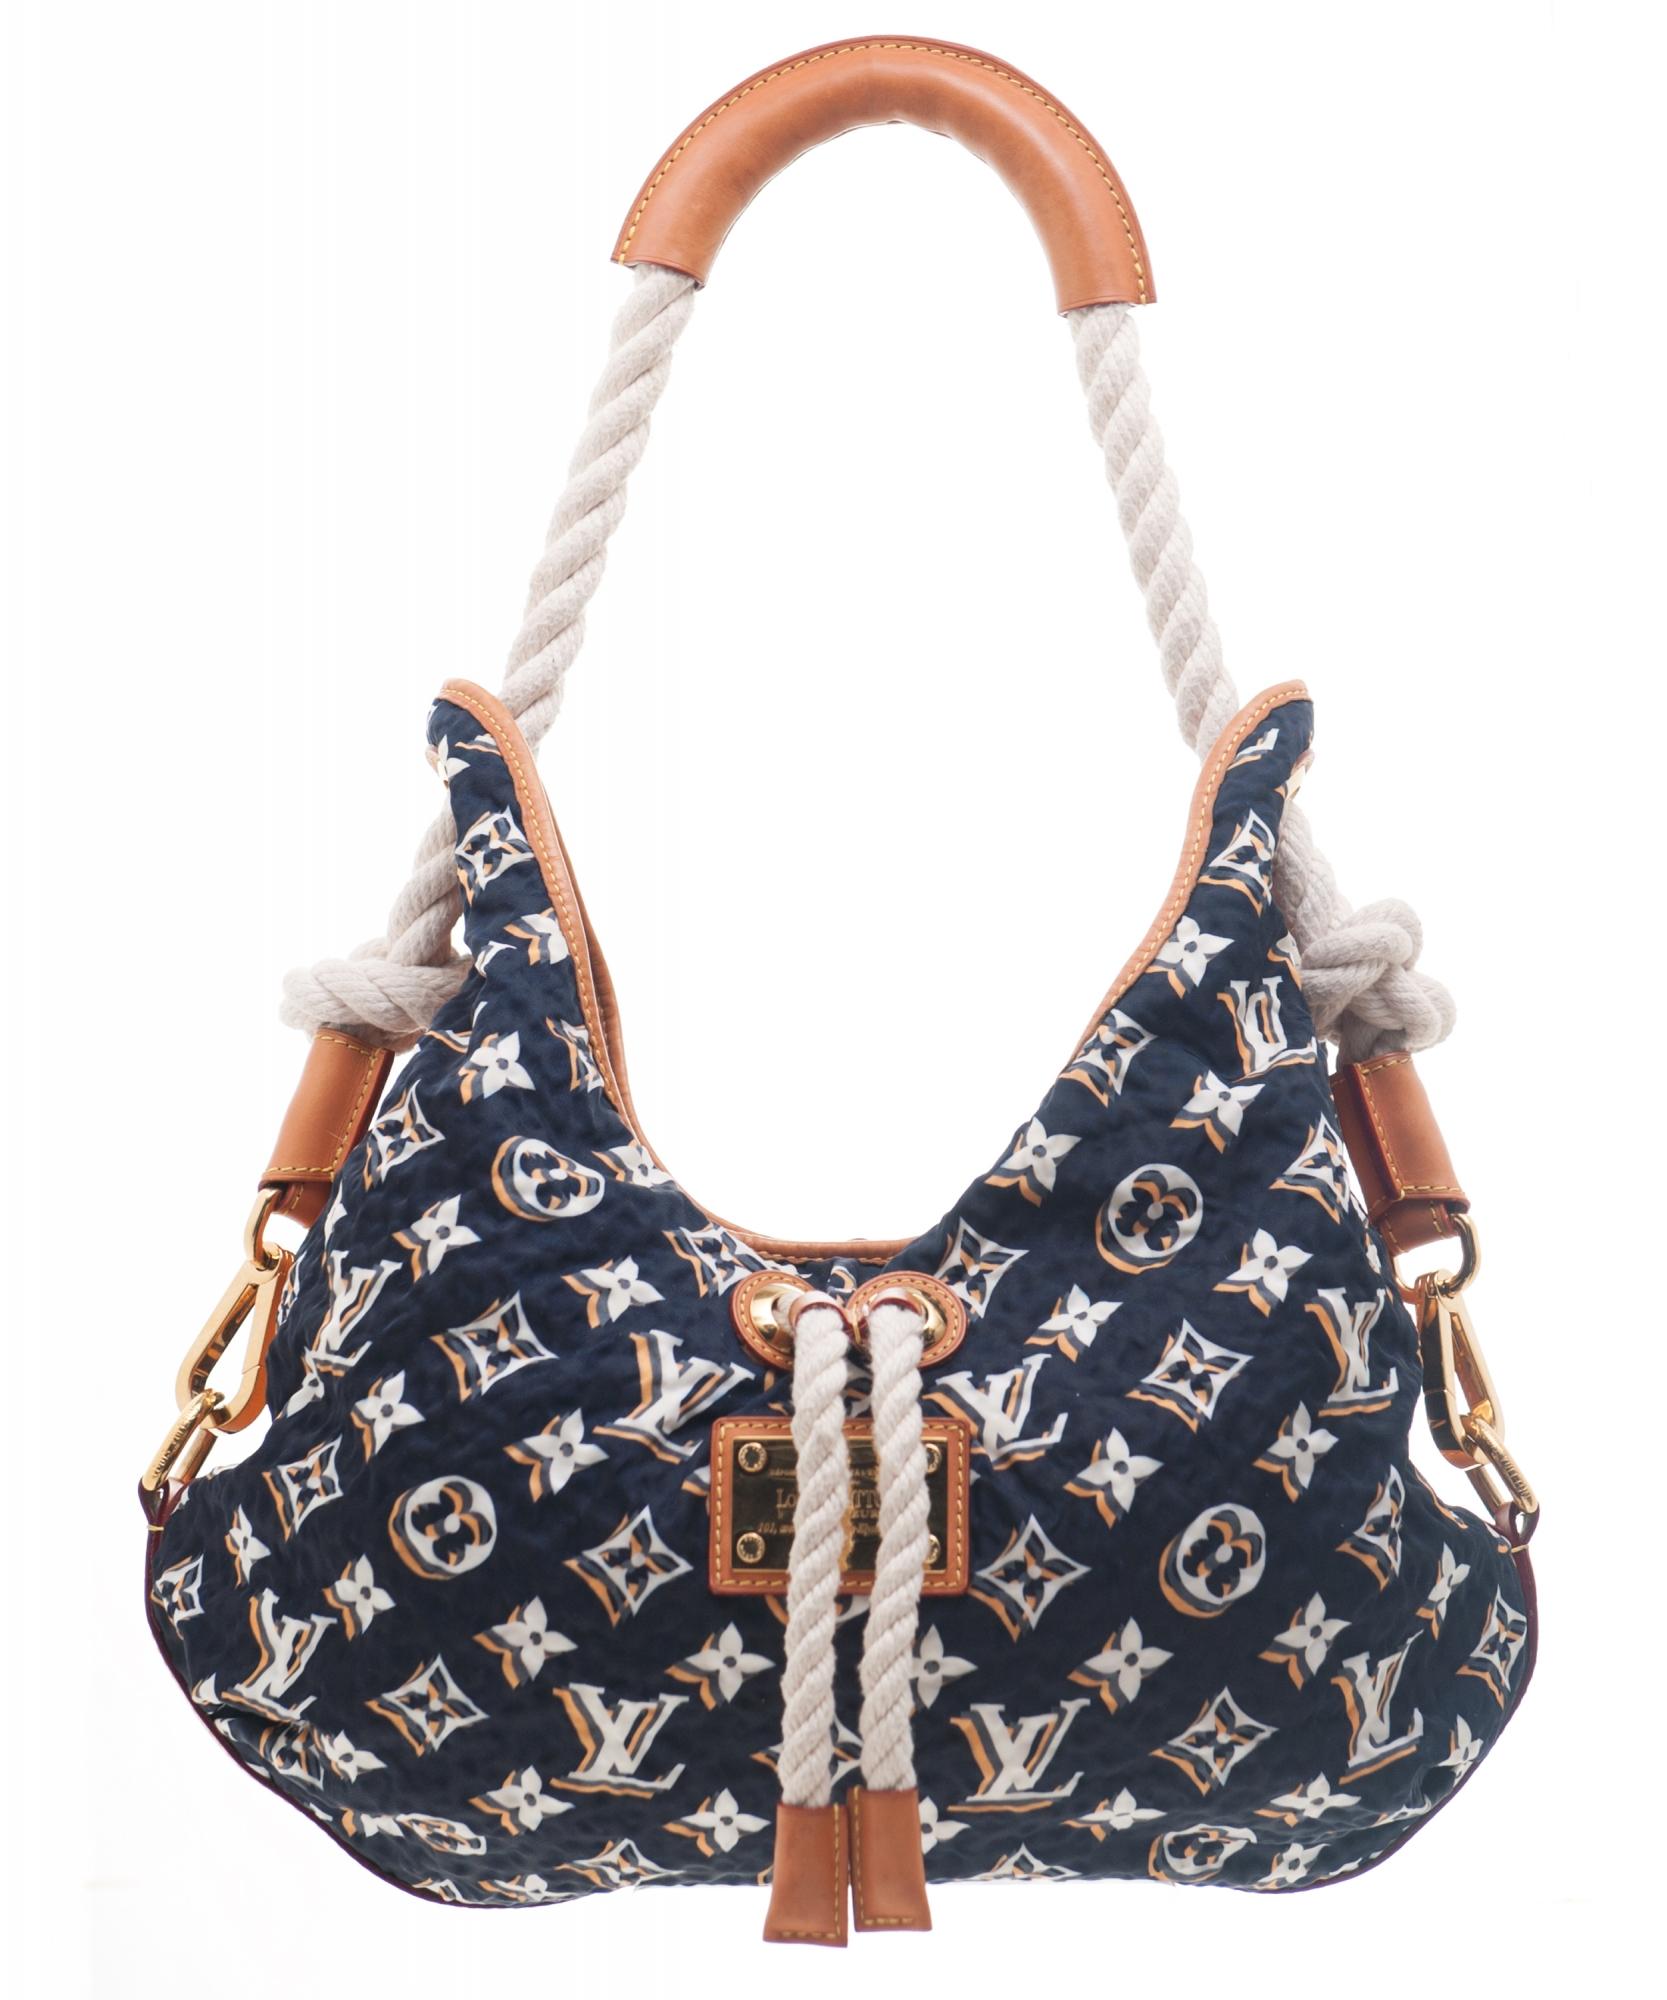 Louis Vuitton Navy Monogram Bulles MM Bag - Limited Edition  7dec0389d522b